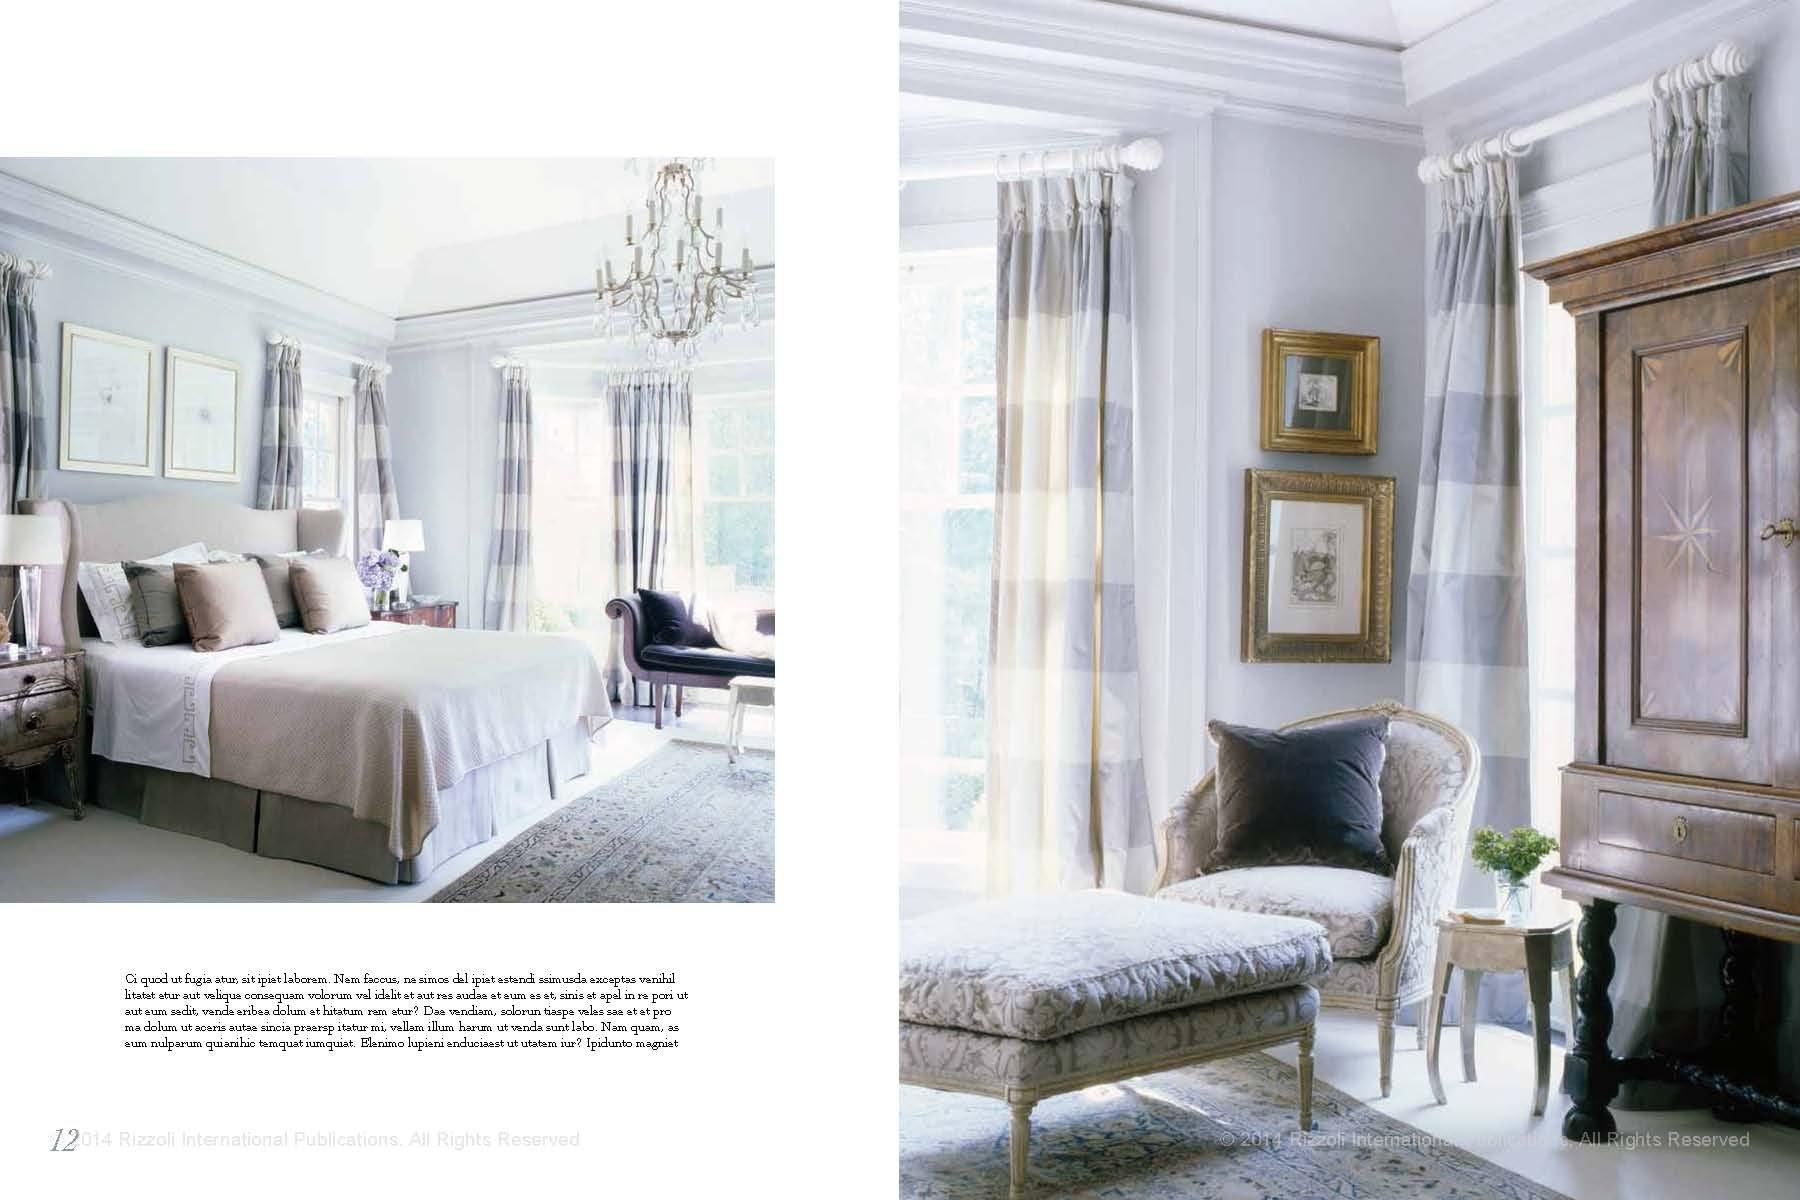 Barbara westbrook gracious rooms barbara westbrook heather macisaac 9780847845057 amazon com books